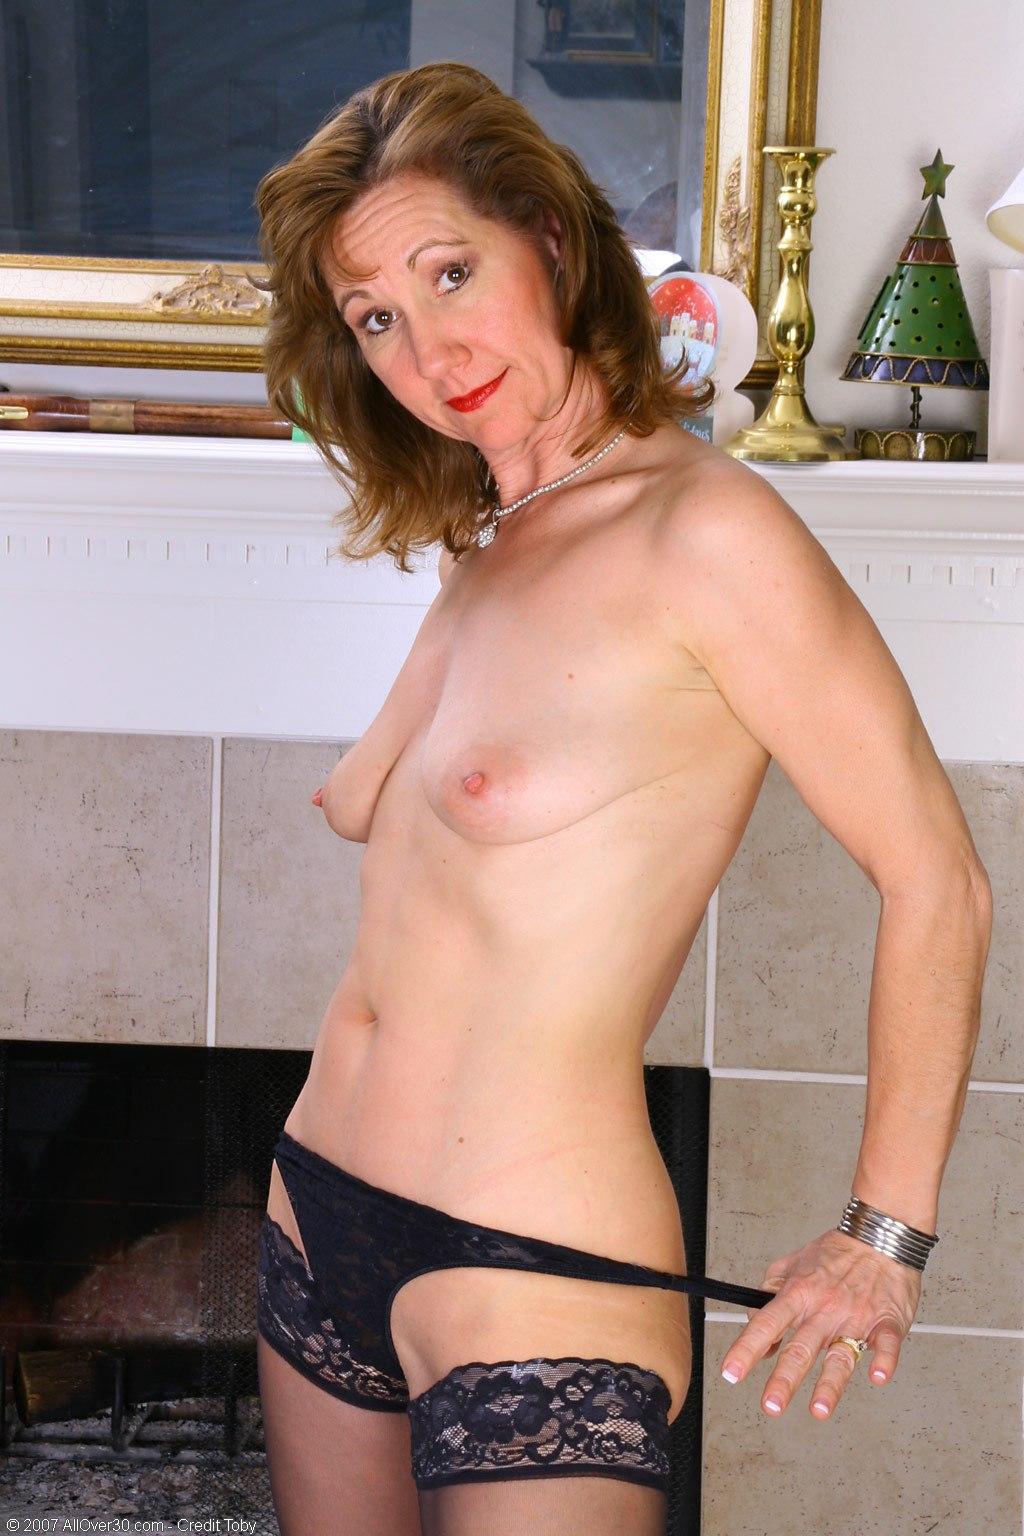 Rachel starr hot booty naked pic